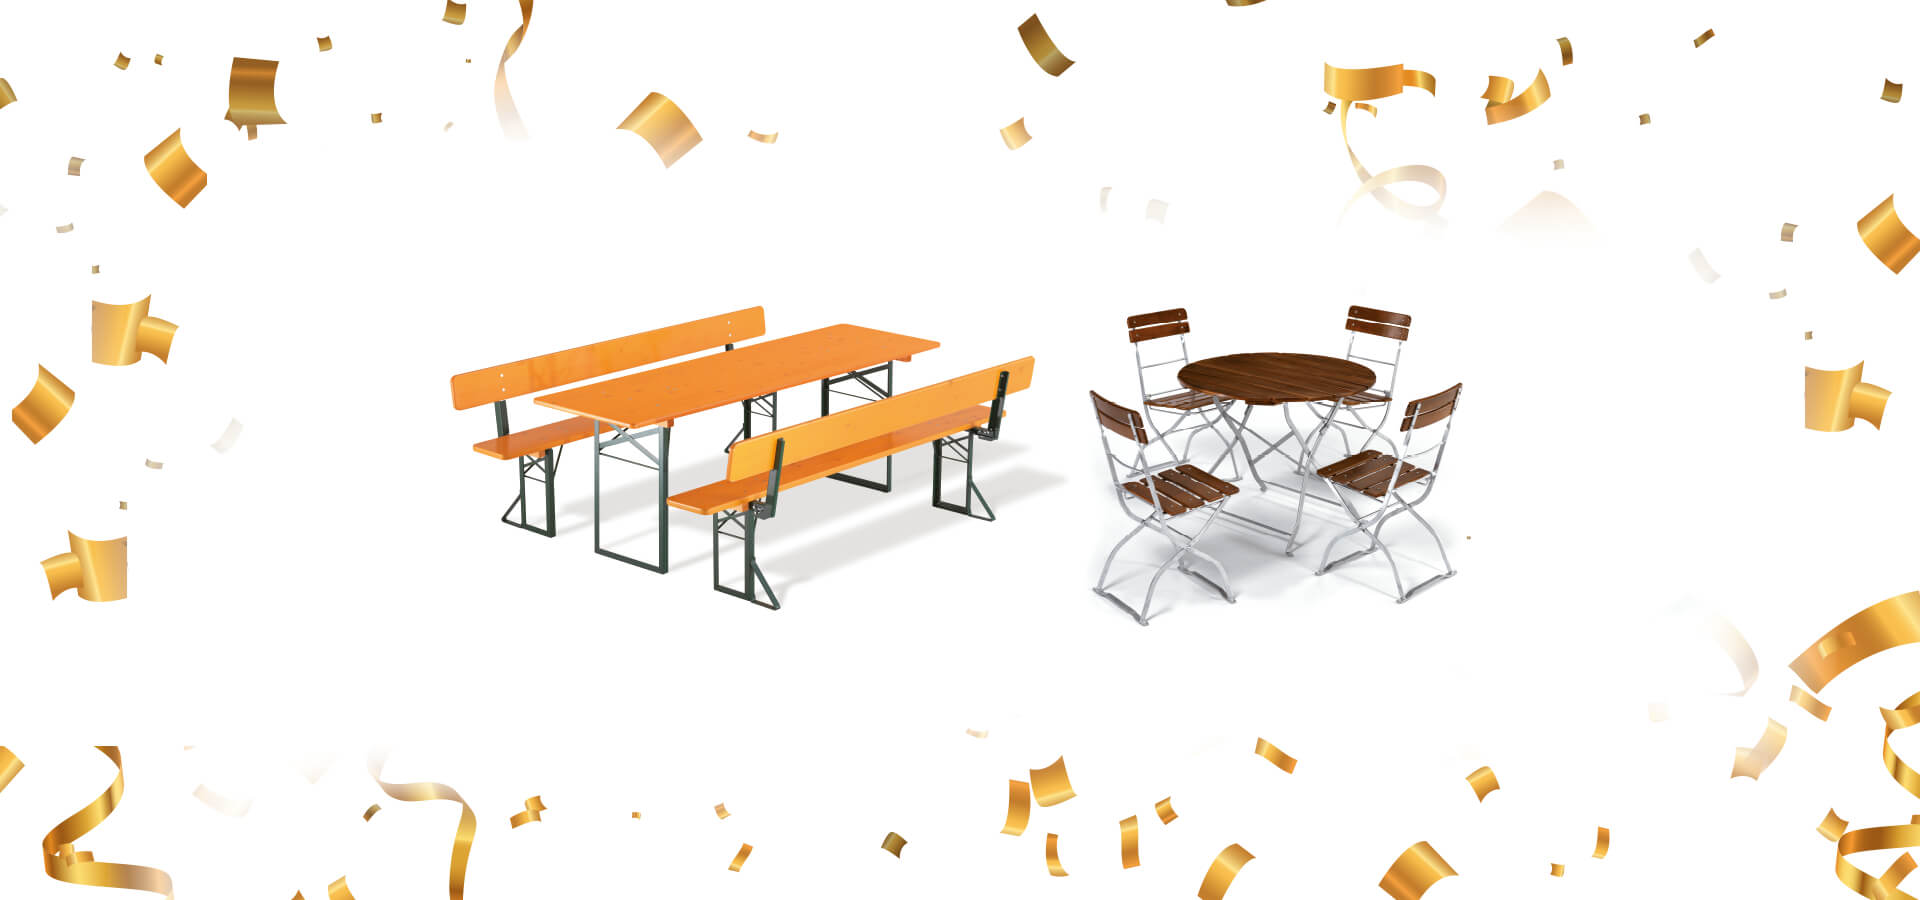 Großer Werksverkauf bei RUKUevent: Reduzierte Bierzeltgarnituren und Gartenmöbel